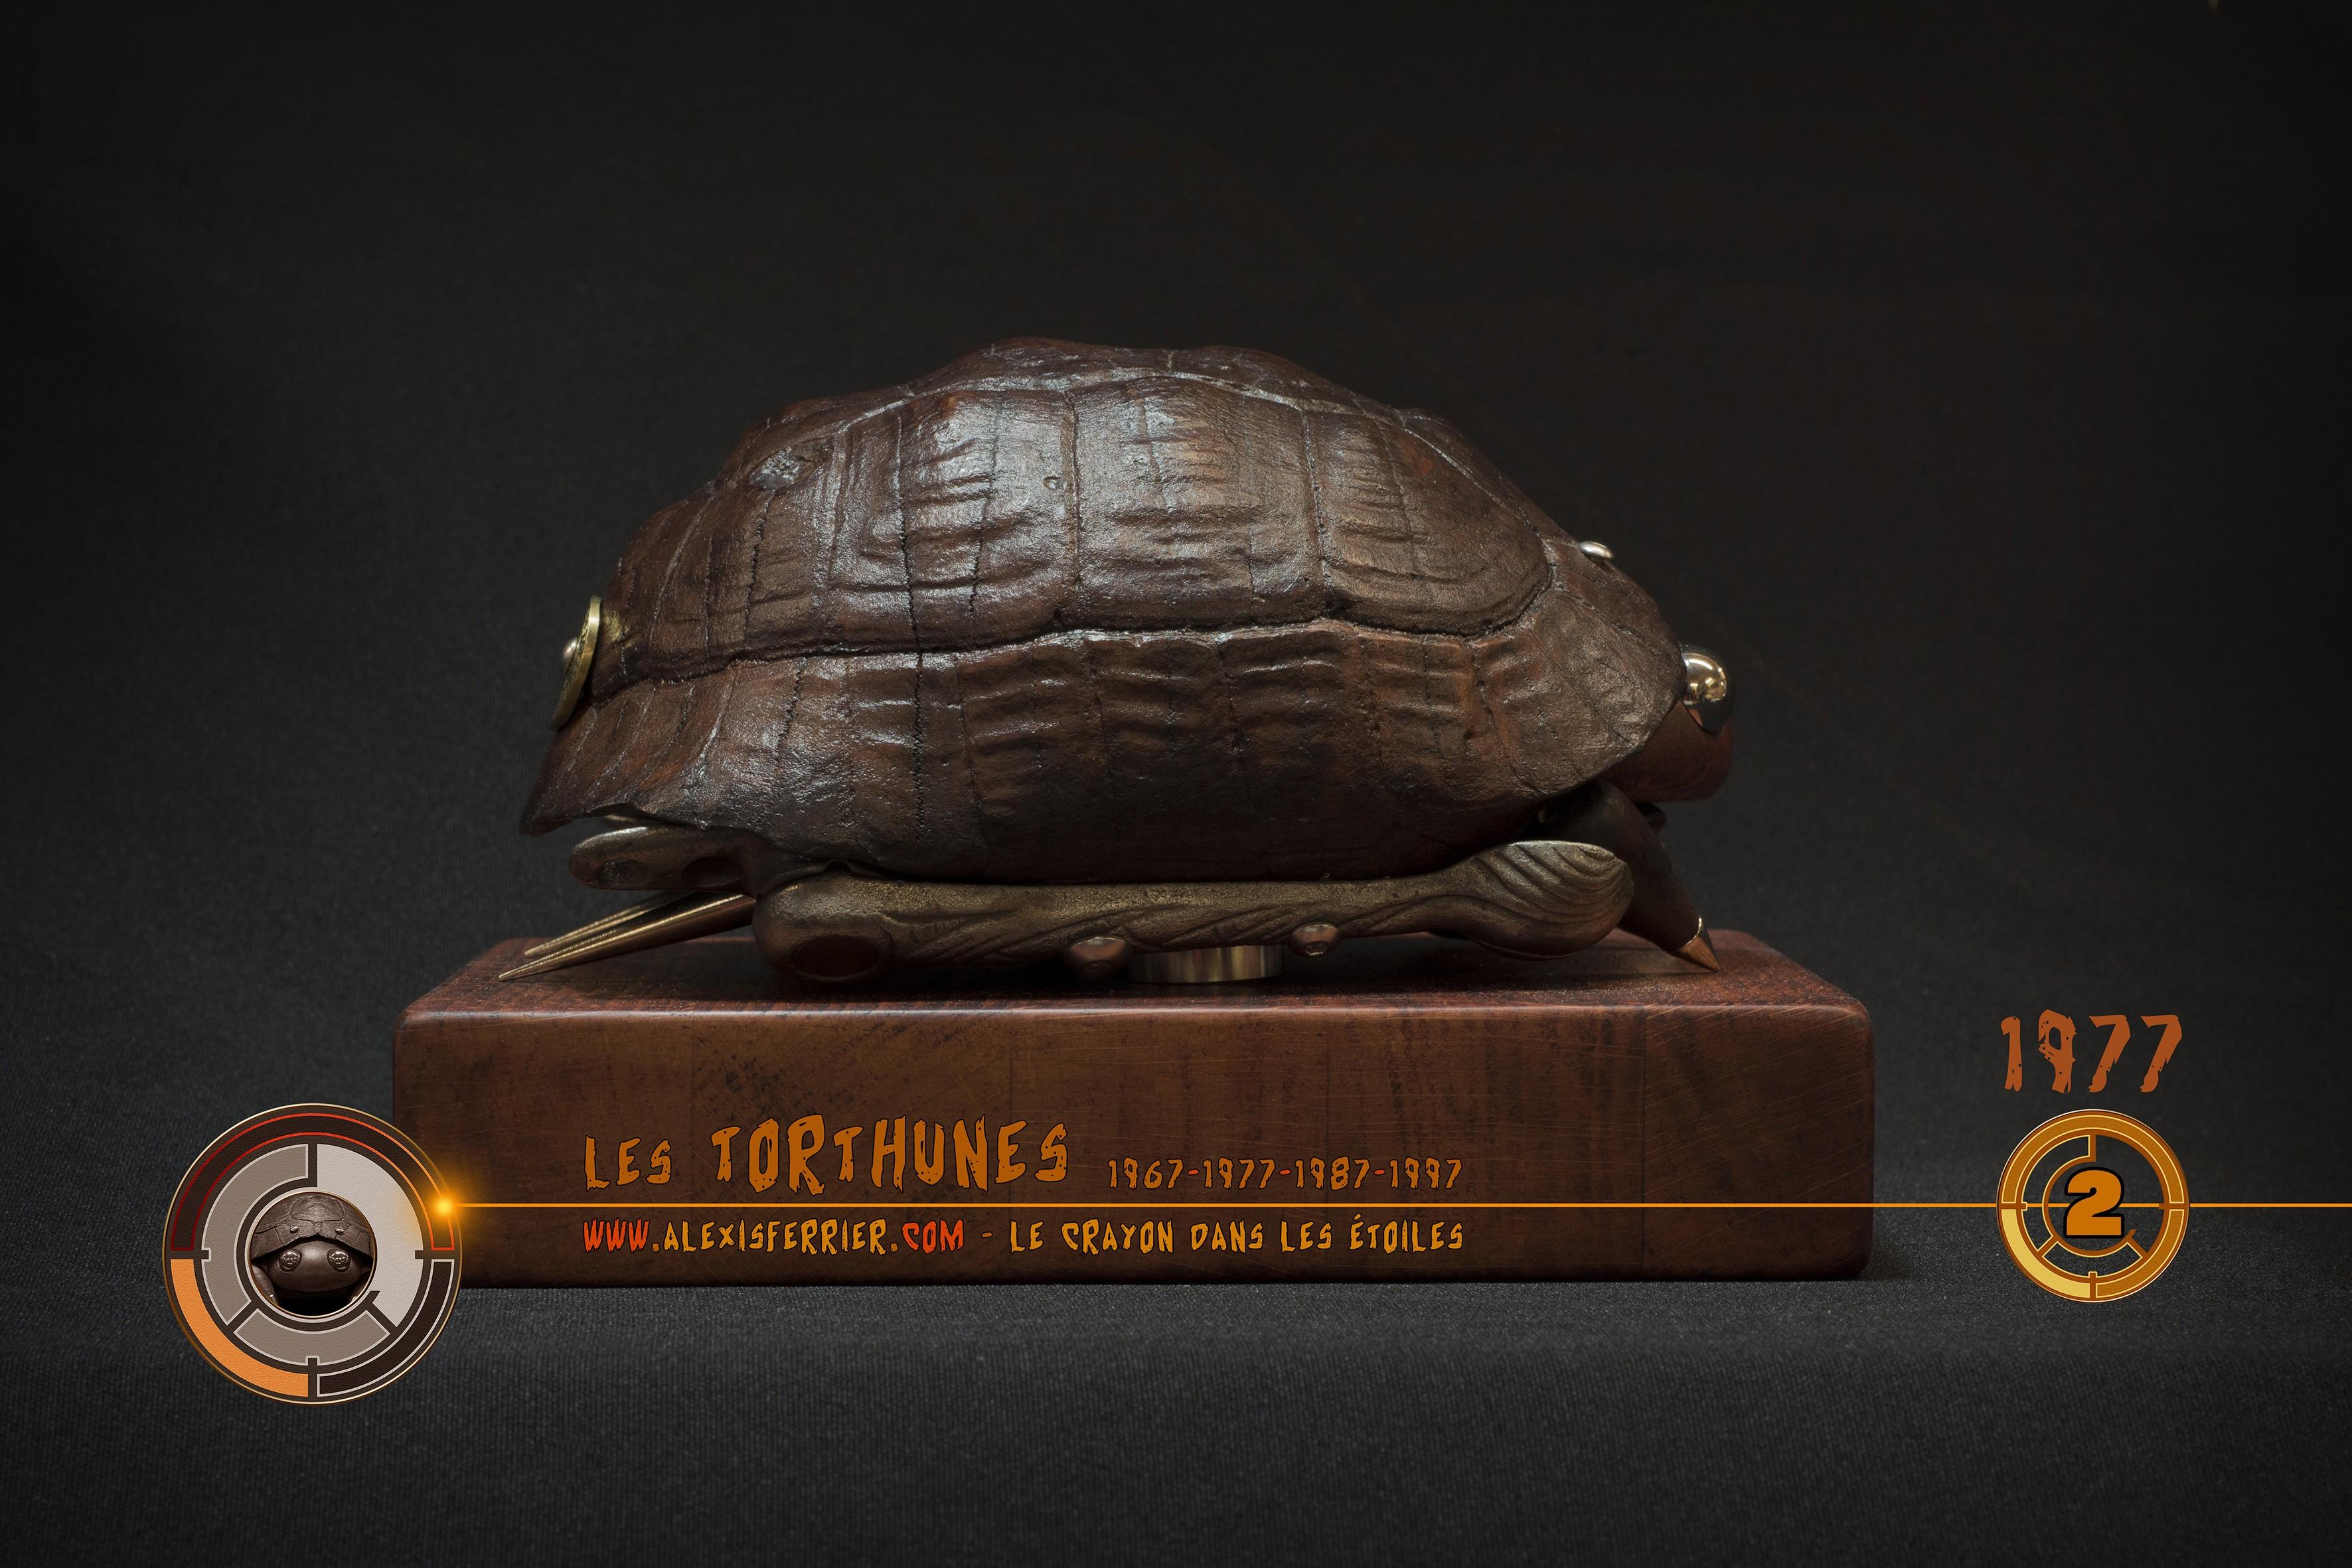 Tortune 2c profile